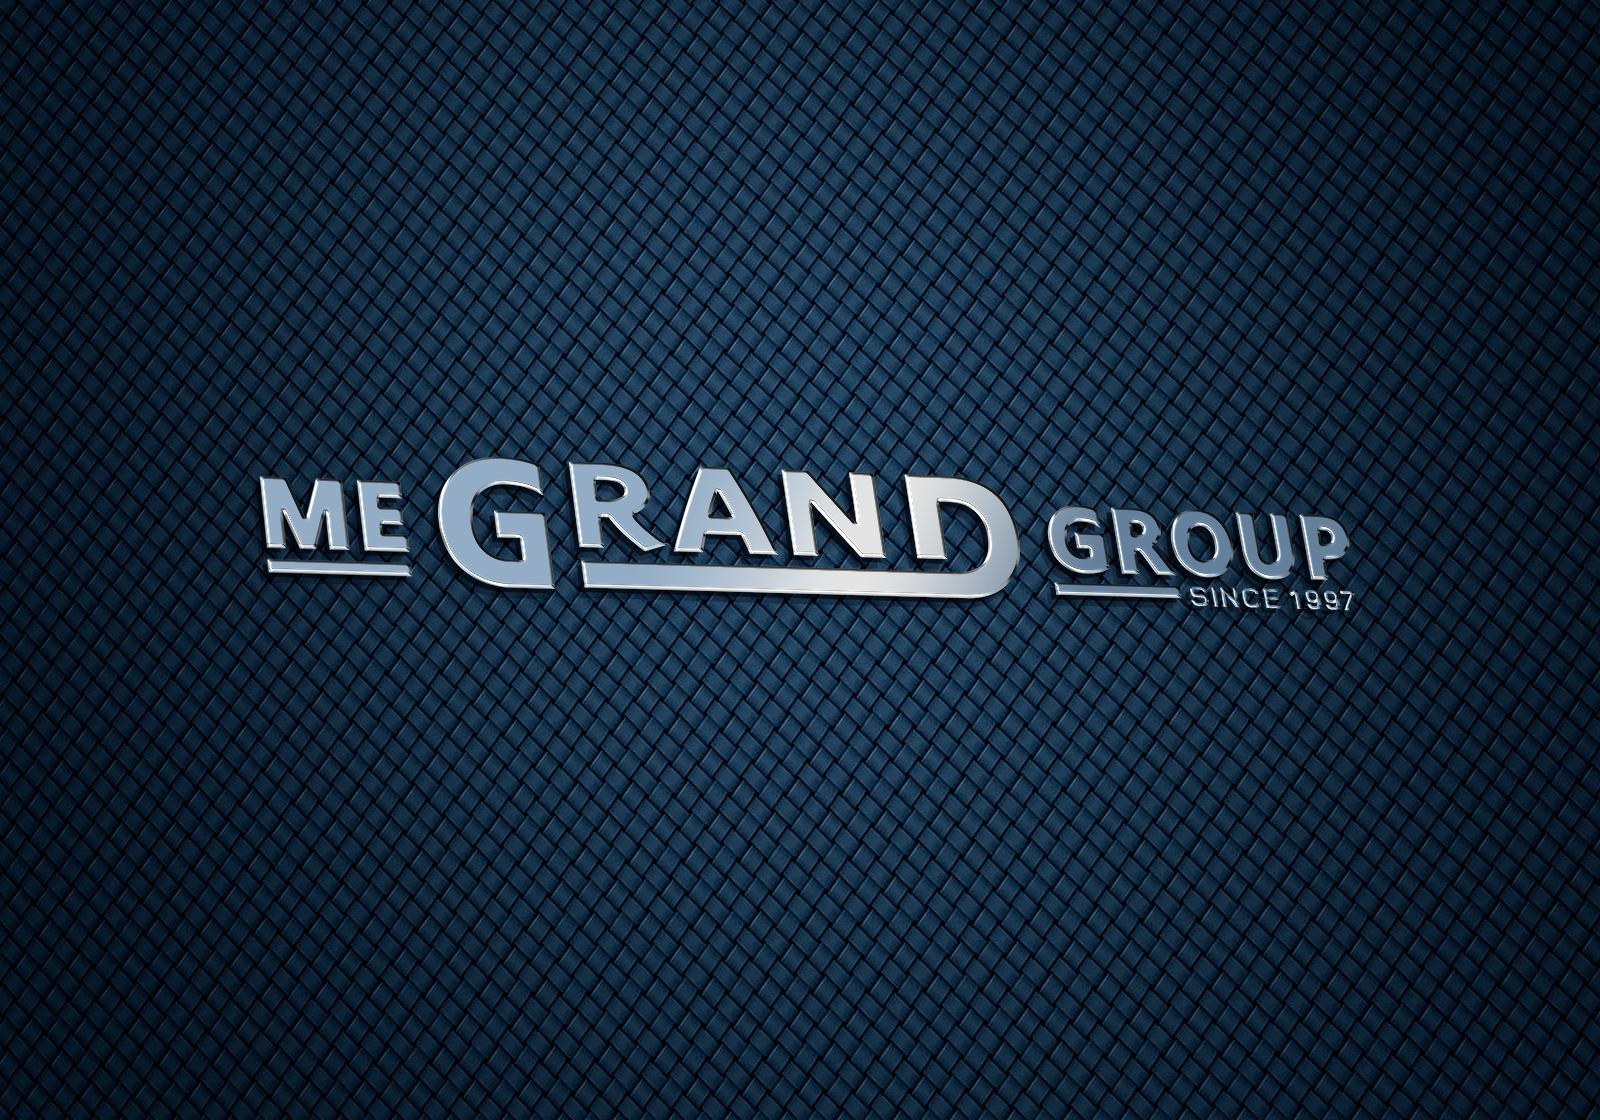 Разработка логотипов и фирменного стиля  фото f_4535d05576fad457.jpg